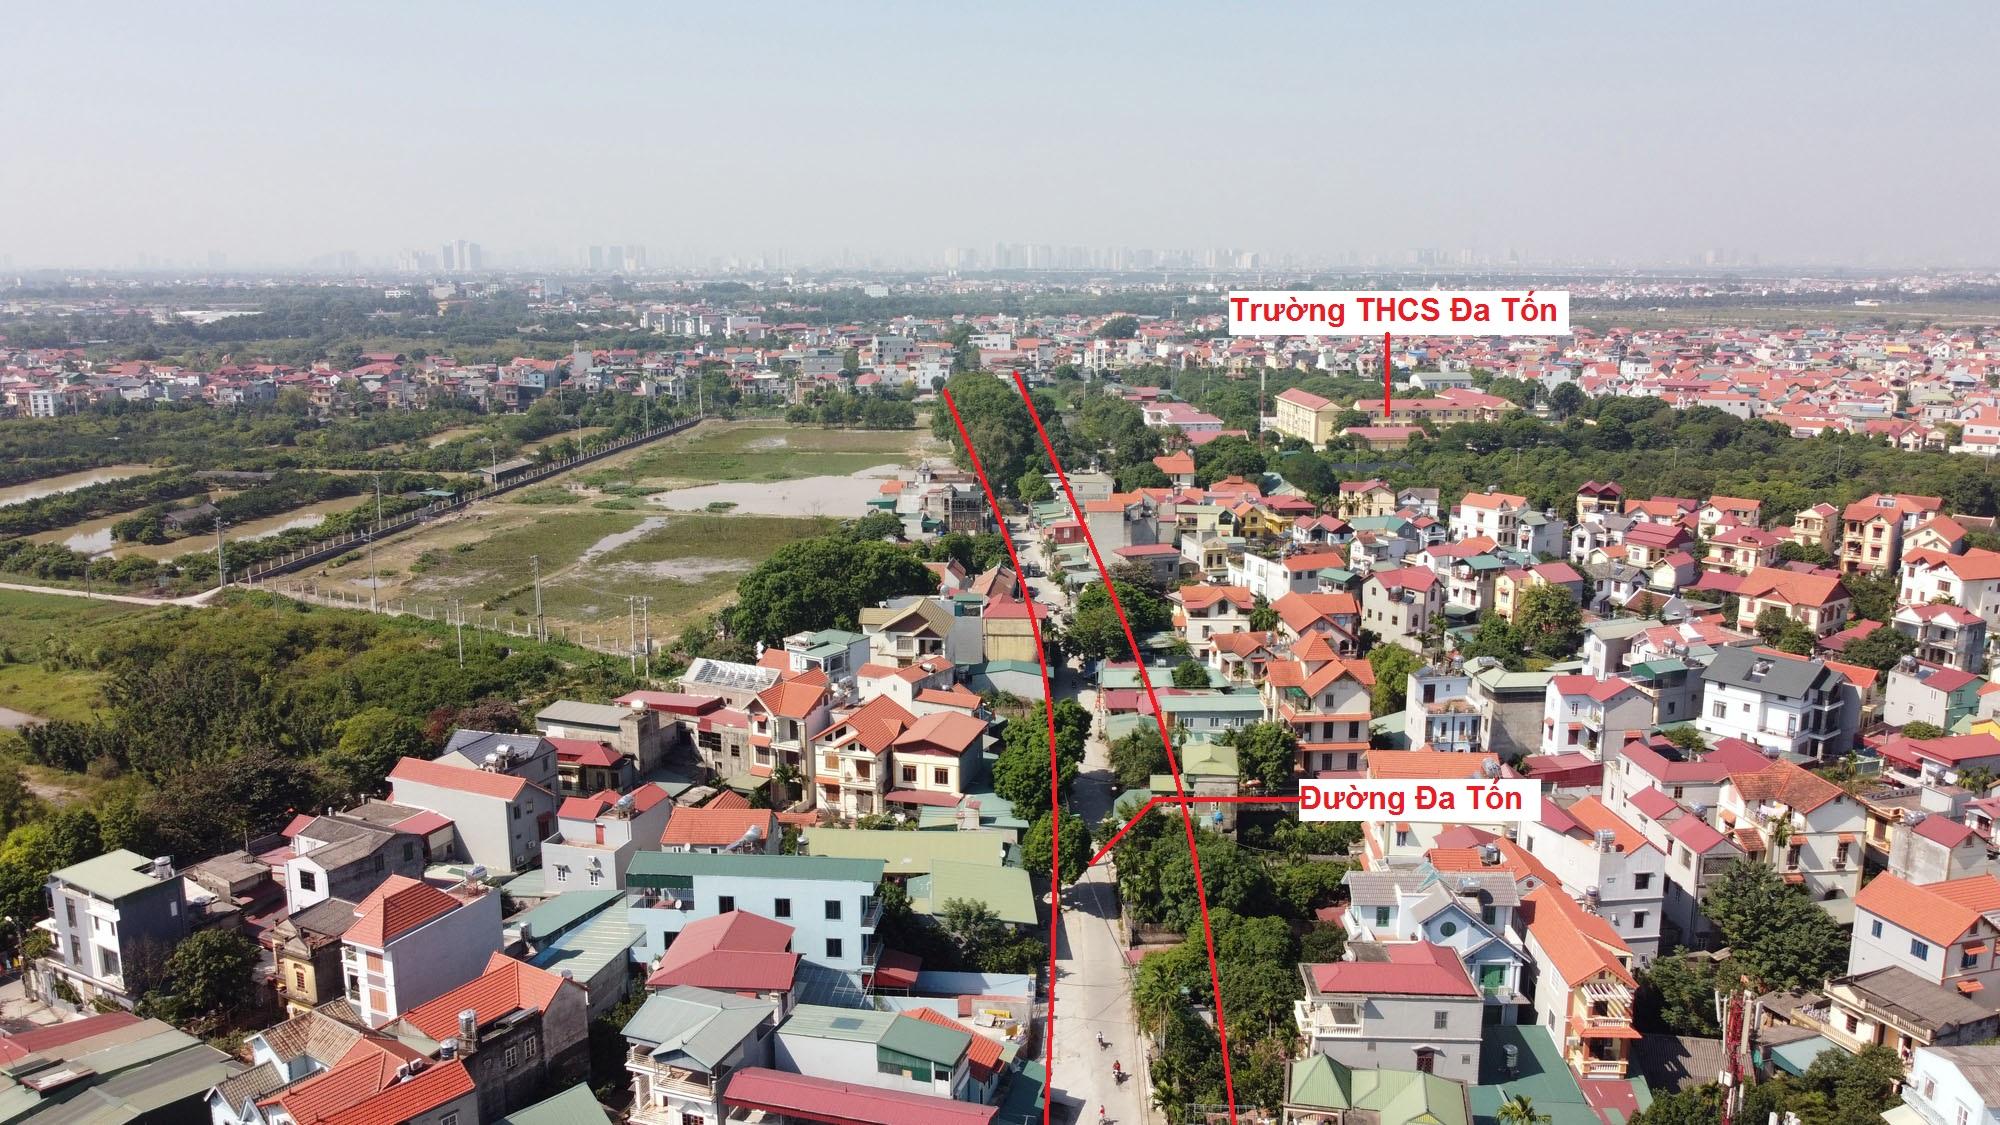 đường sẽ mở theo qui hoạch ở xã Đa Tốn, Gia Lâm, Hà Nội - Ảnh 4.